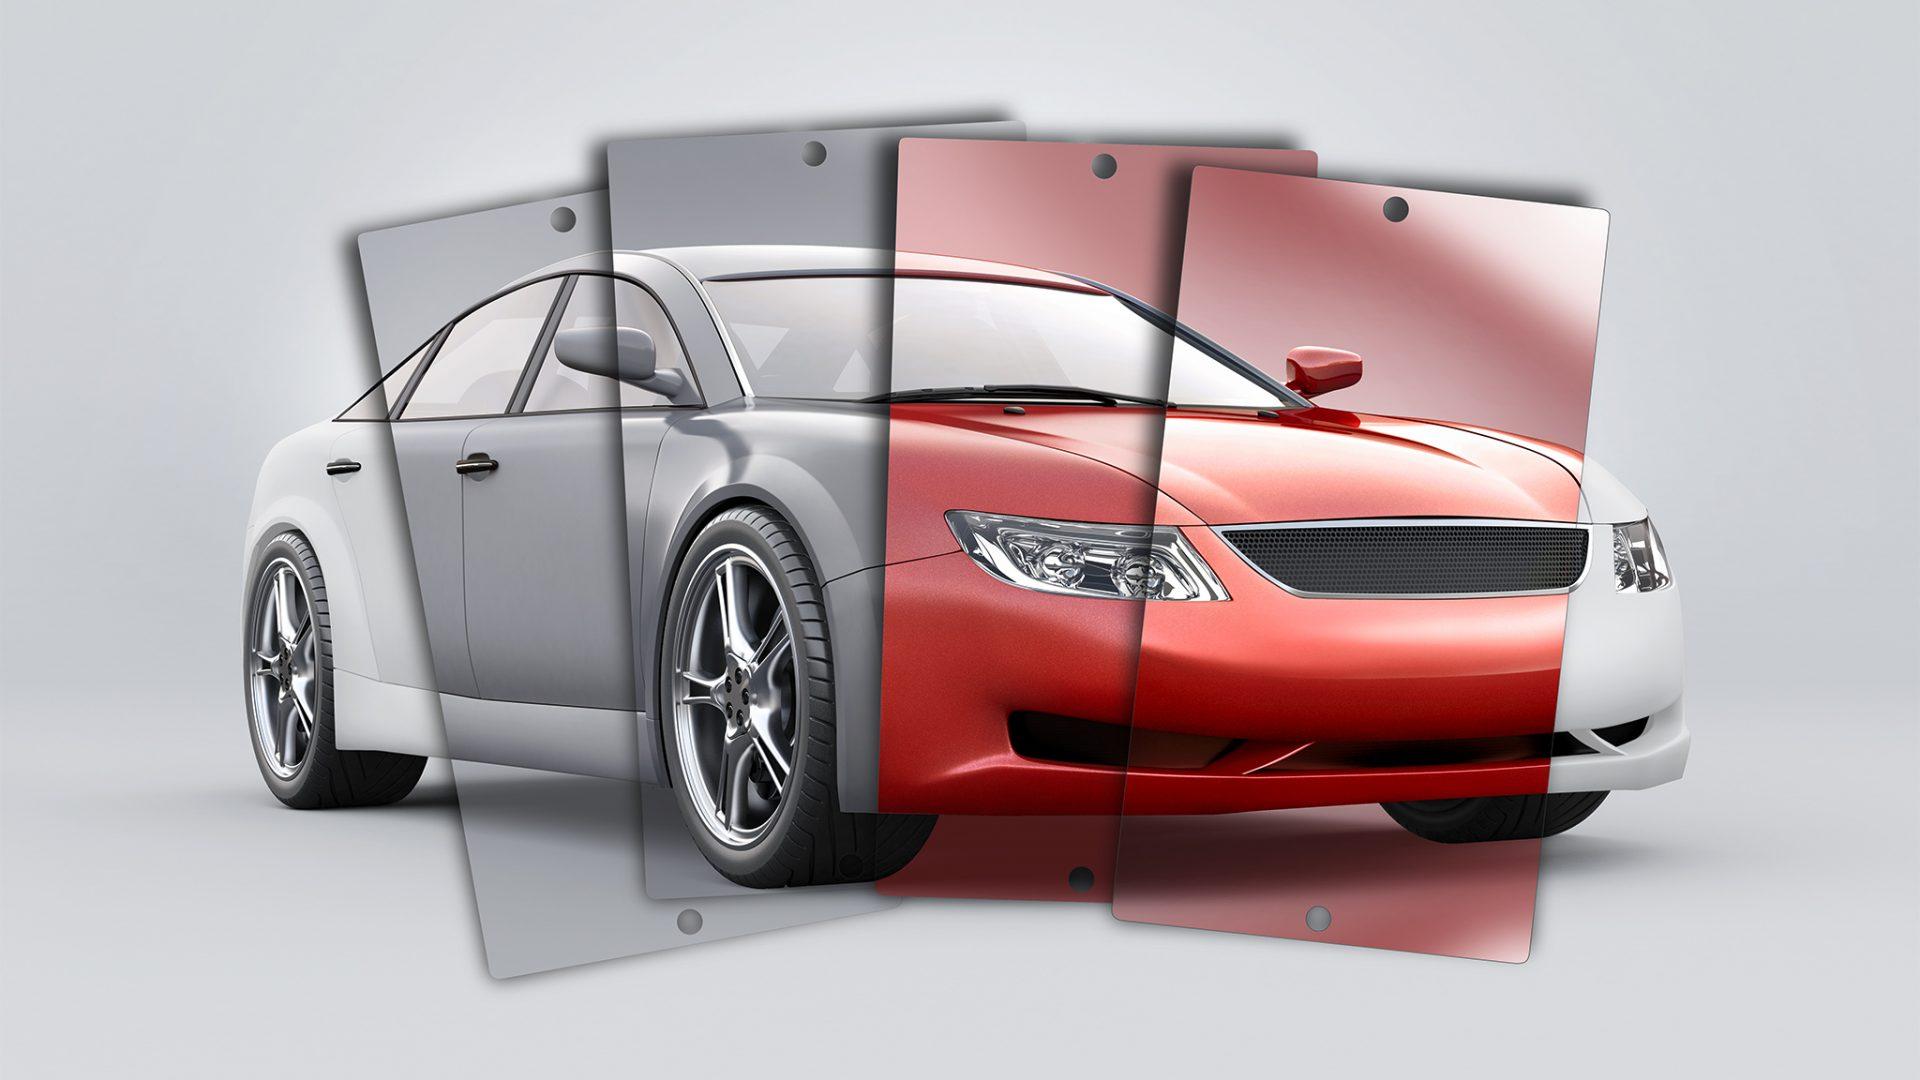 3D-Produktfoto/Rendering eines 3D-Autos